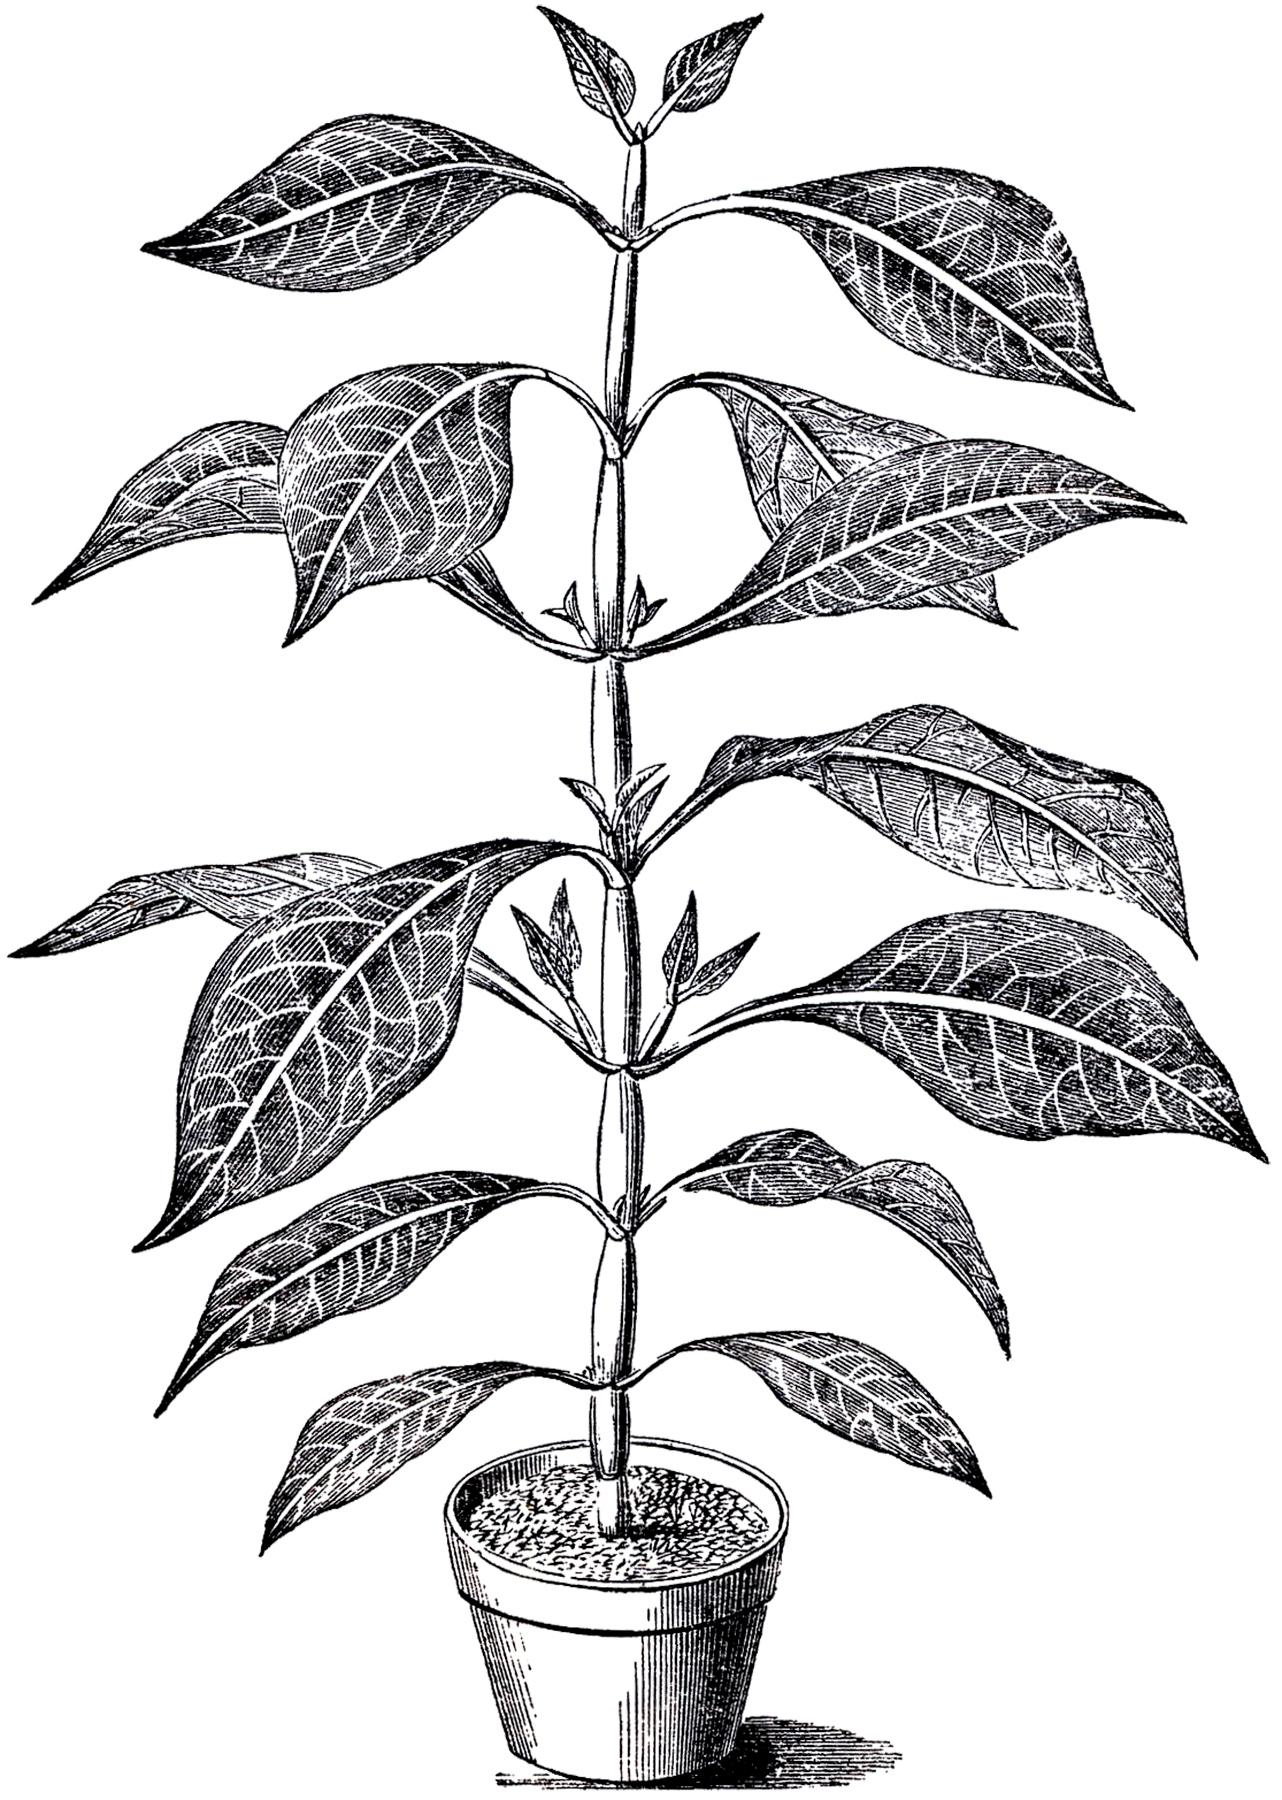 Vintage Potted Plant Image-Vintage Potted Plant Image-18